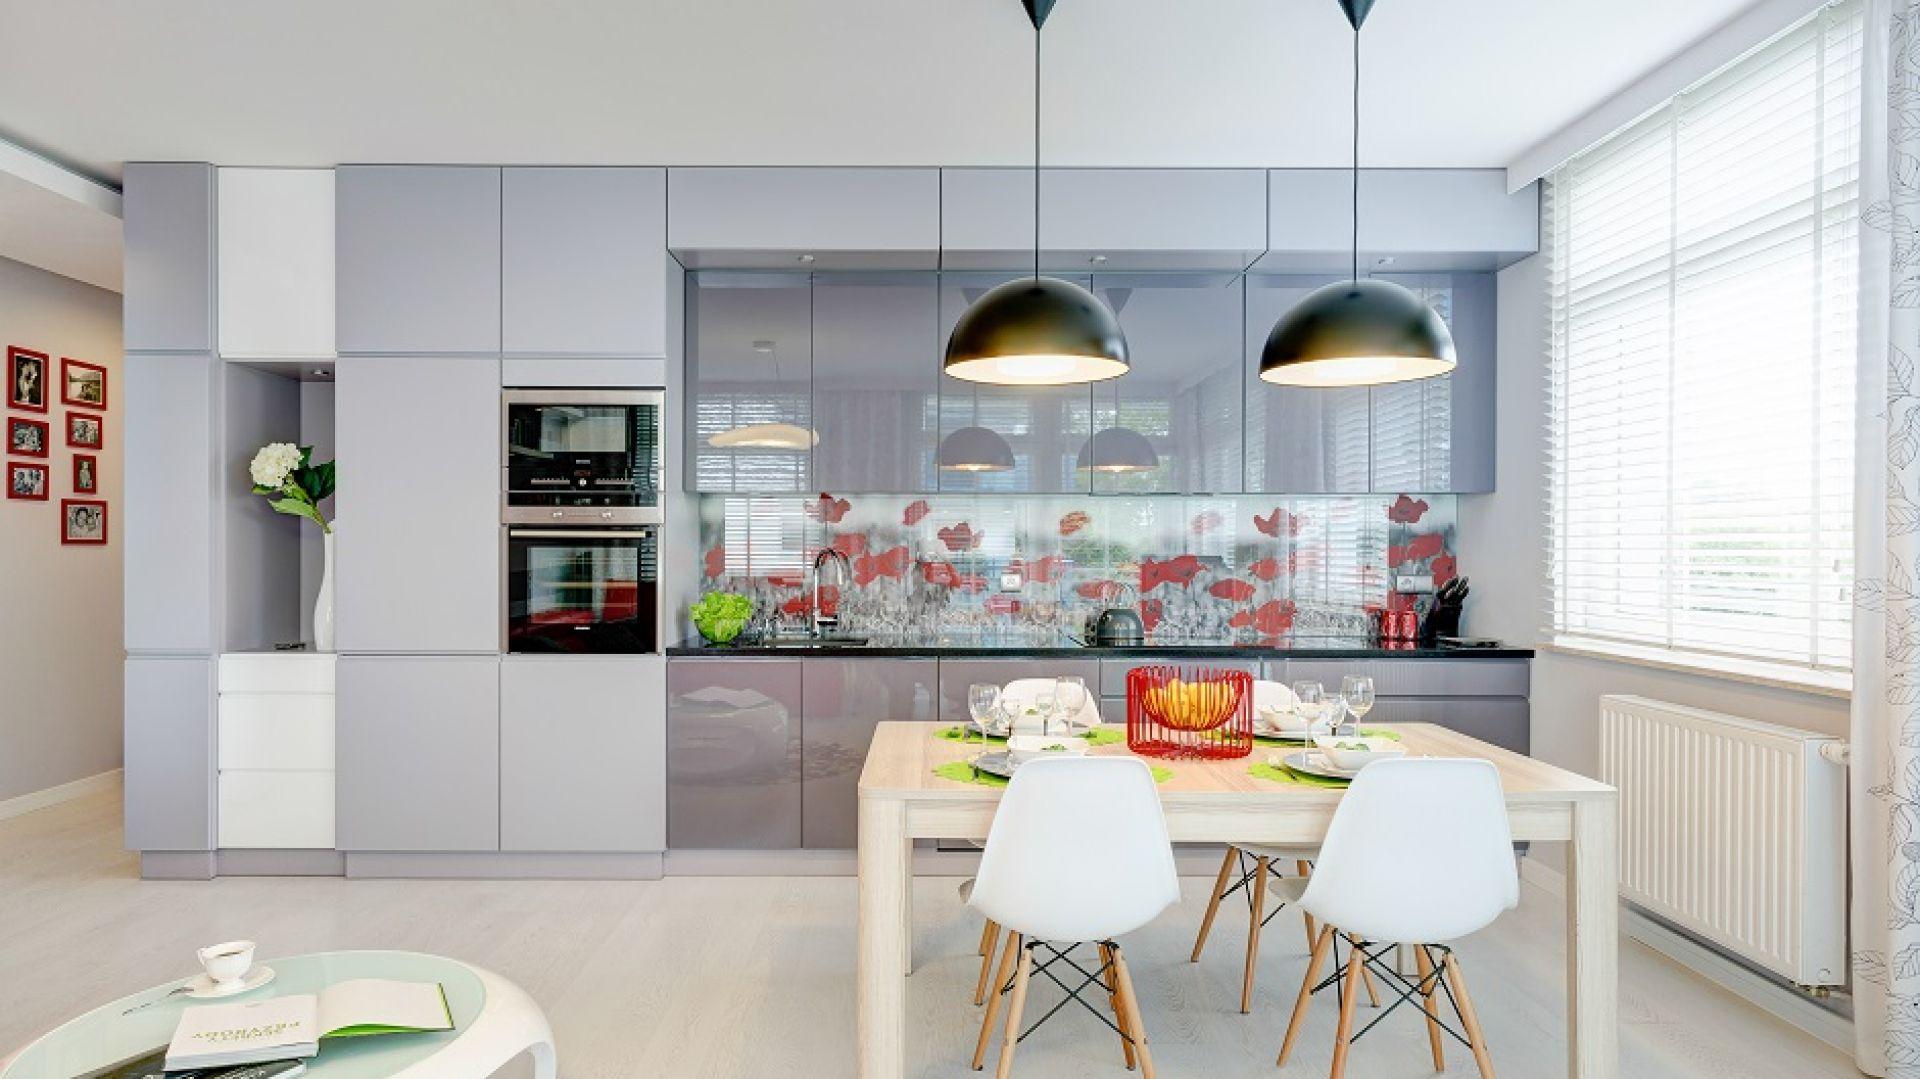 Jednymi z najczęściej wybieranych powierzchni do wykończenia kuchni są fronty na wysoki połysk. To rozwiązanie nie bardzo praktyczne, bowiem gładkie powierzchnie prosto jest utrzymać w czystości. Projekt: Saje Architekci. Fot. foto&mohito